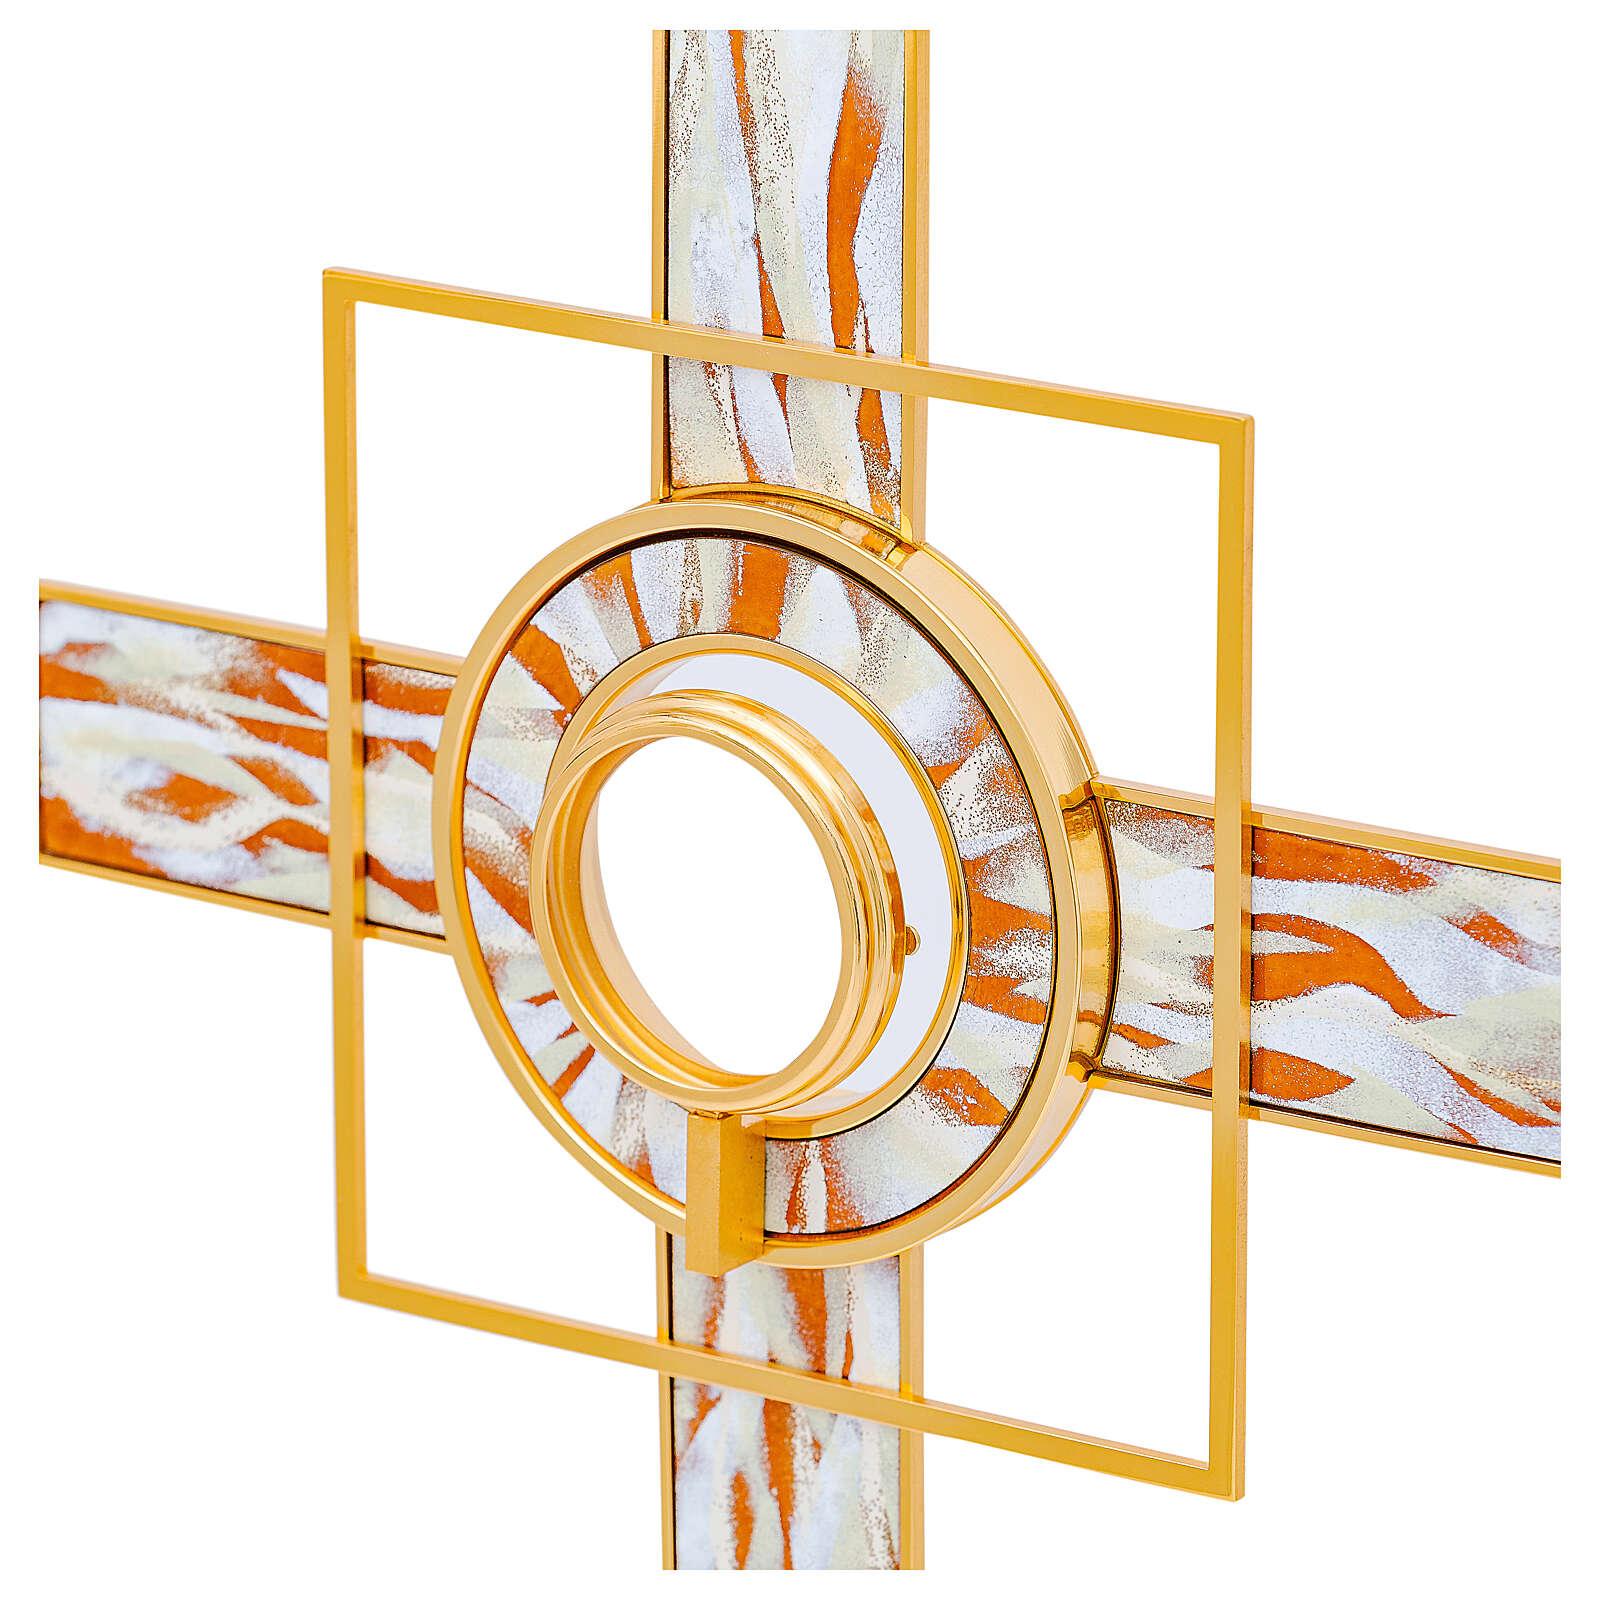 Ostensorio rayos esmaltados blancos relicario amovible 65 cm latón dorado 4